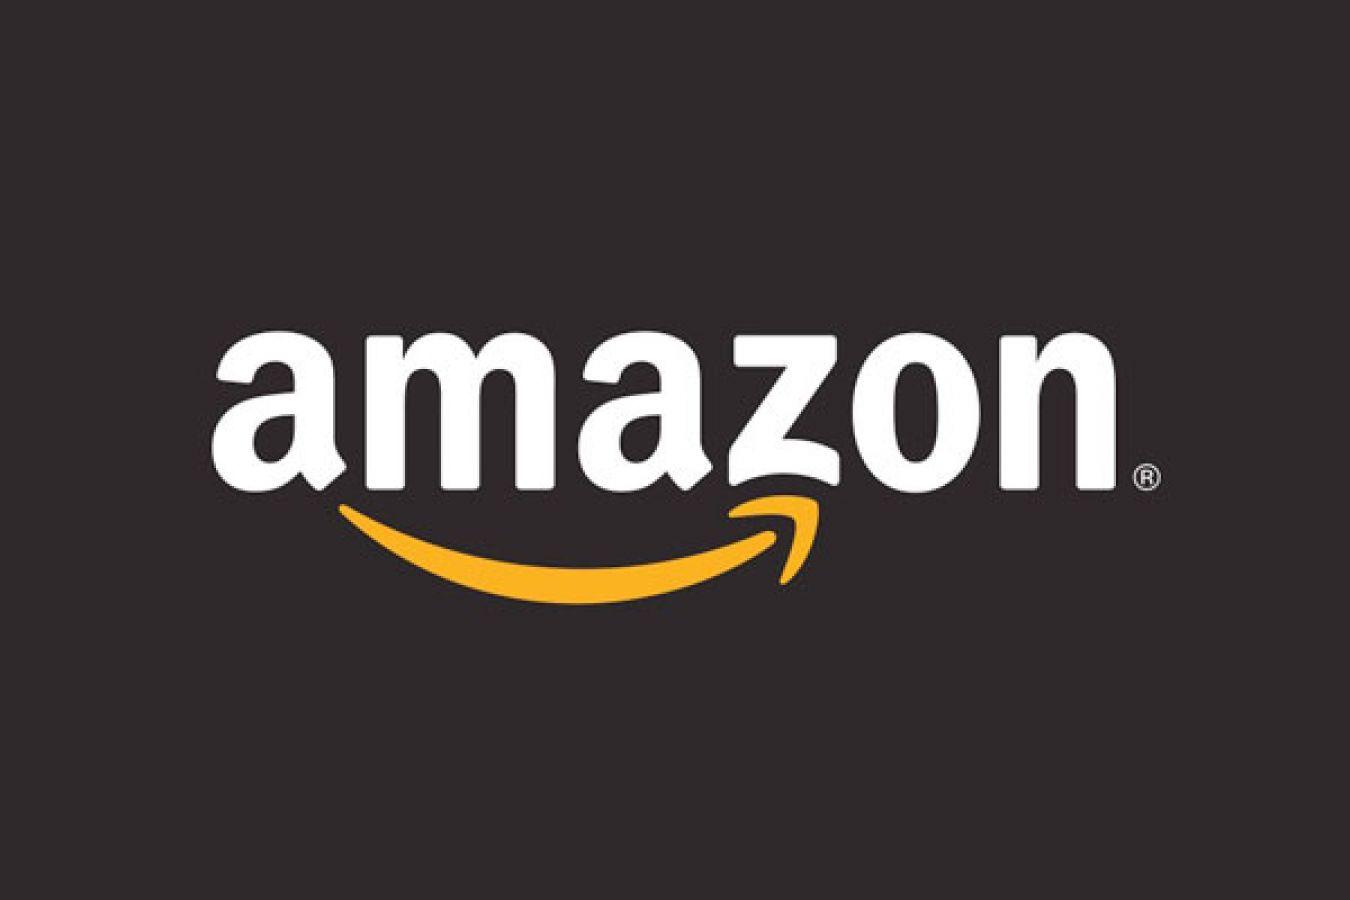 Amazon Earth Week सेल में मिल रहा भारी डिस्काउंट, पढ़े रिपोर्ट